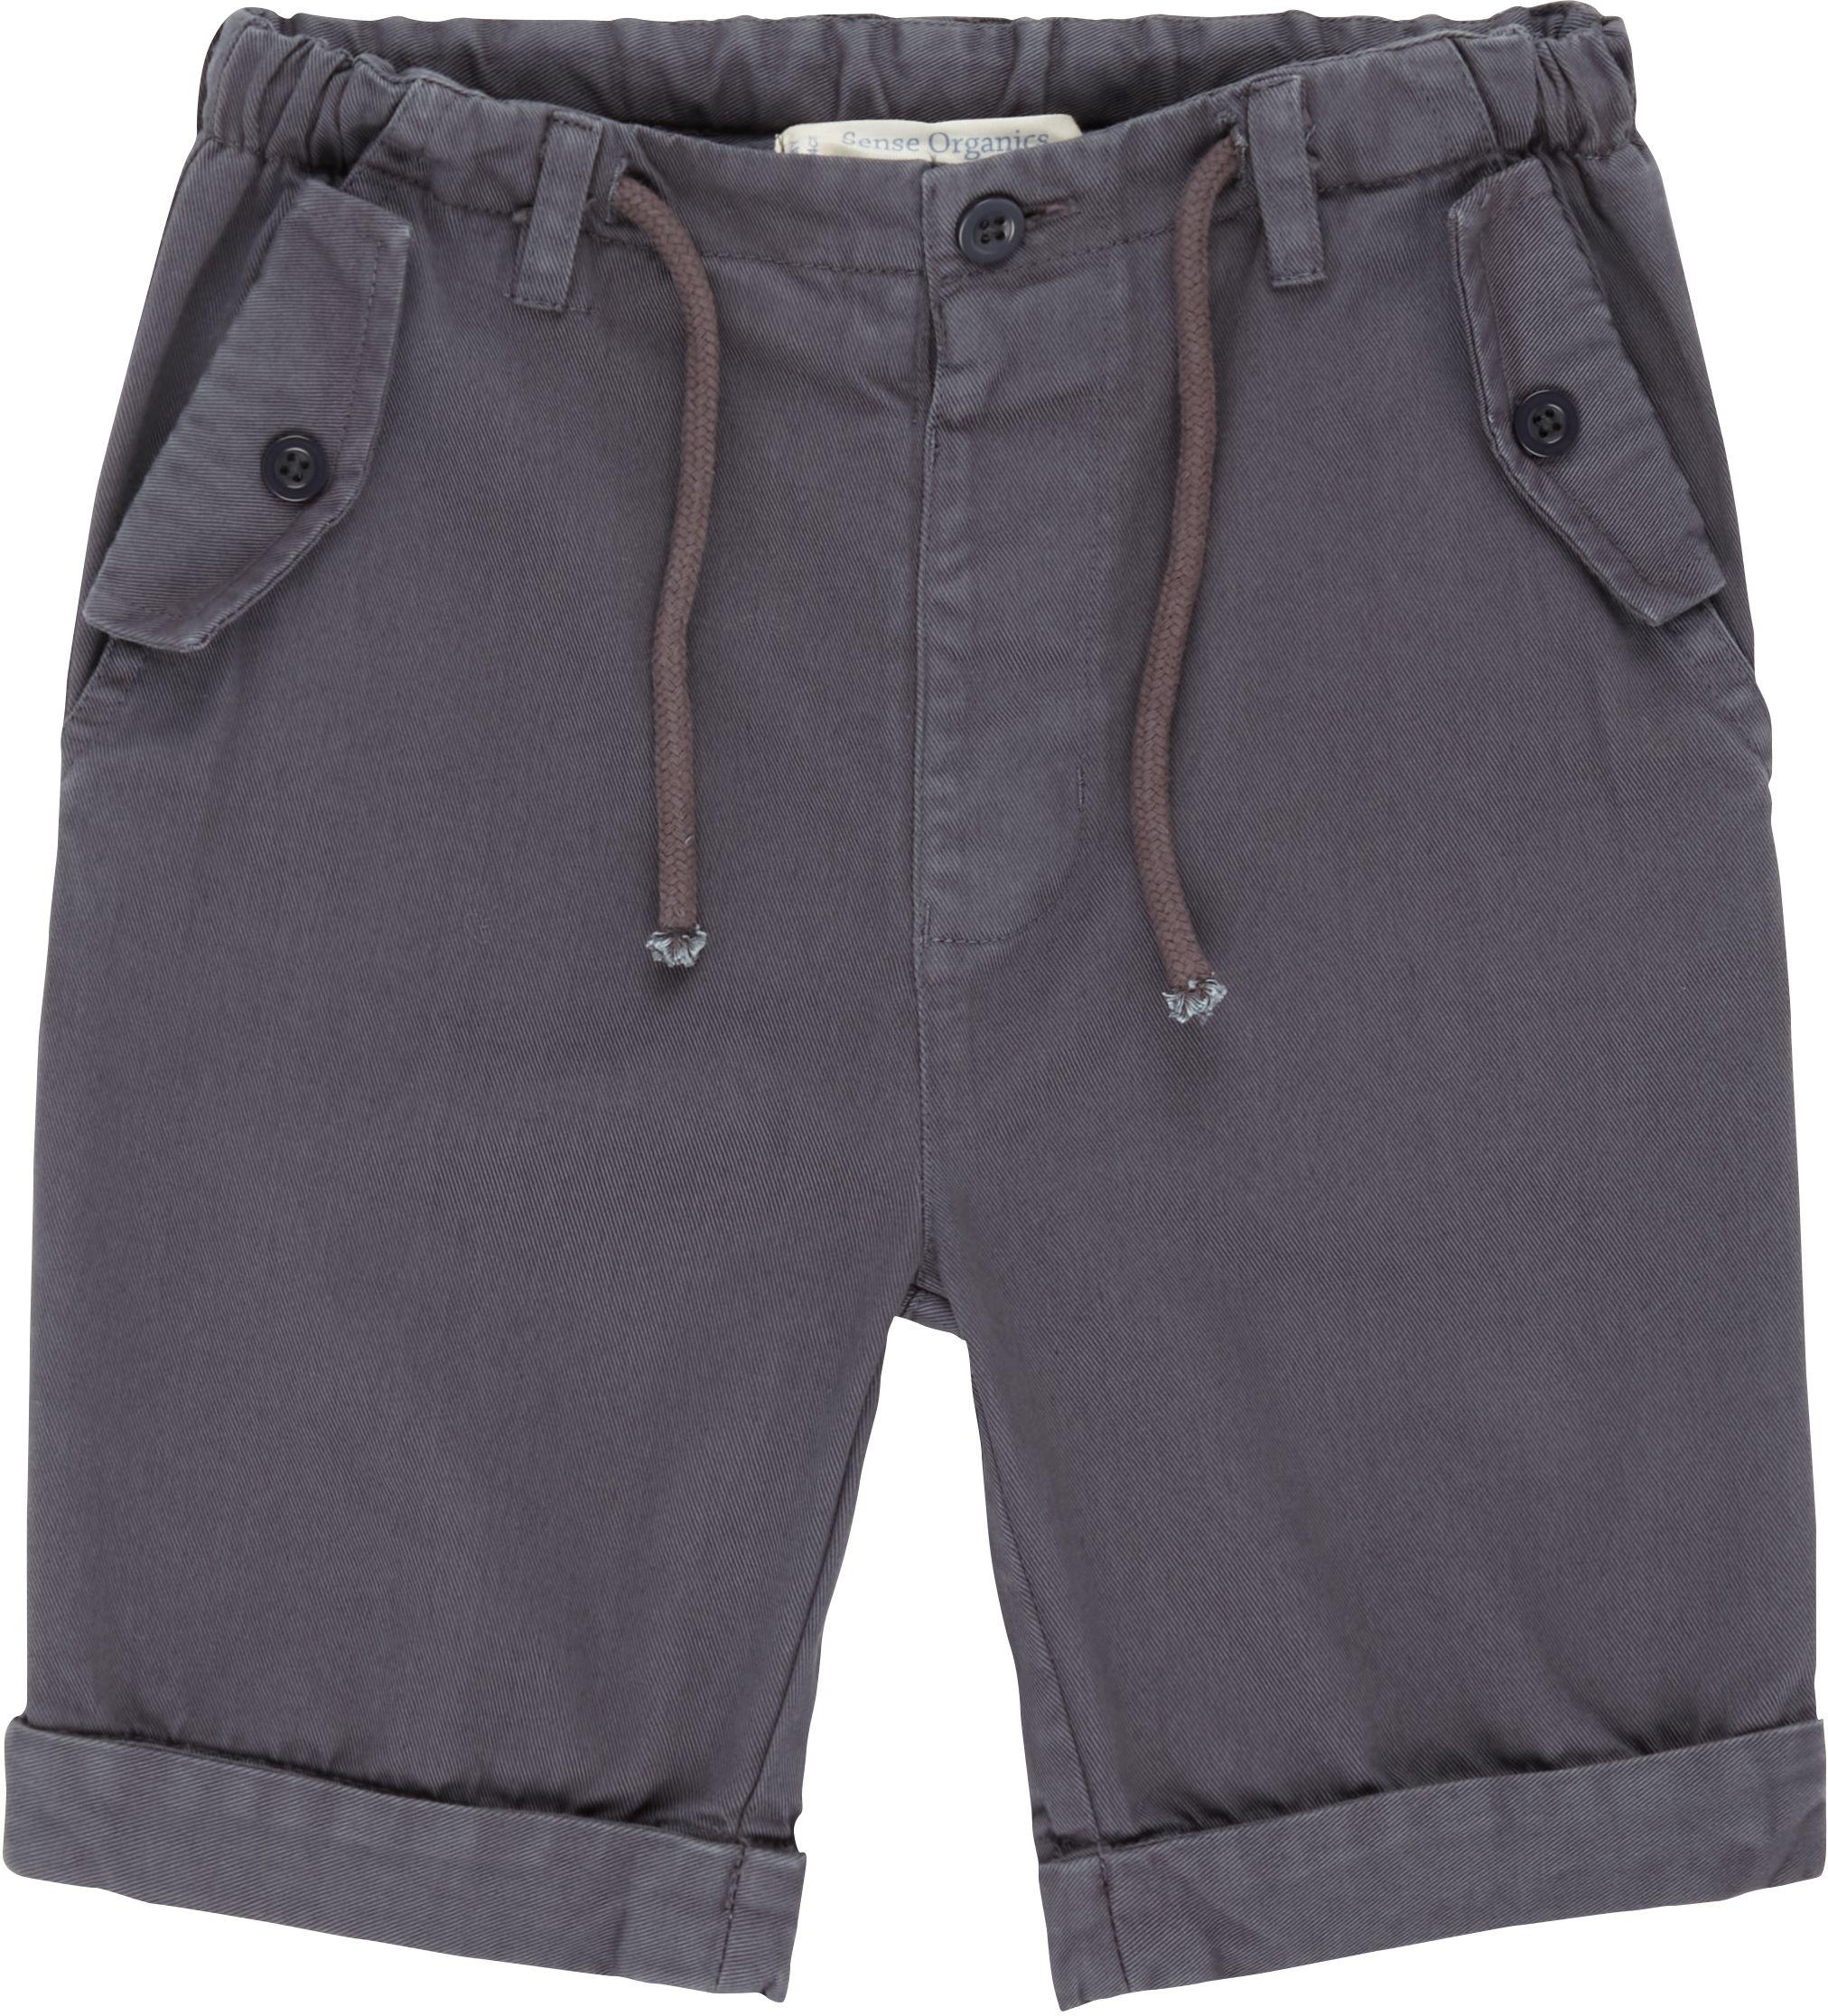 Sense Organic ULLI Shorts Navy